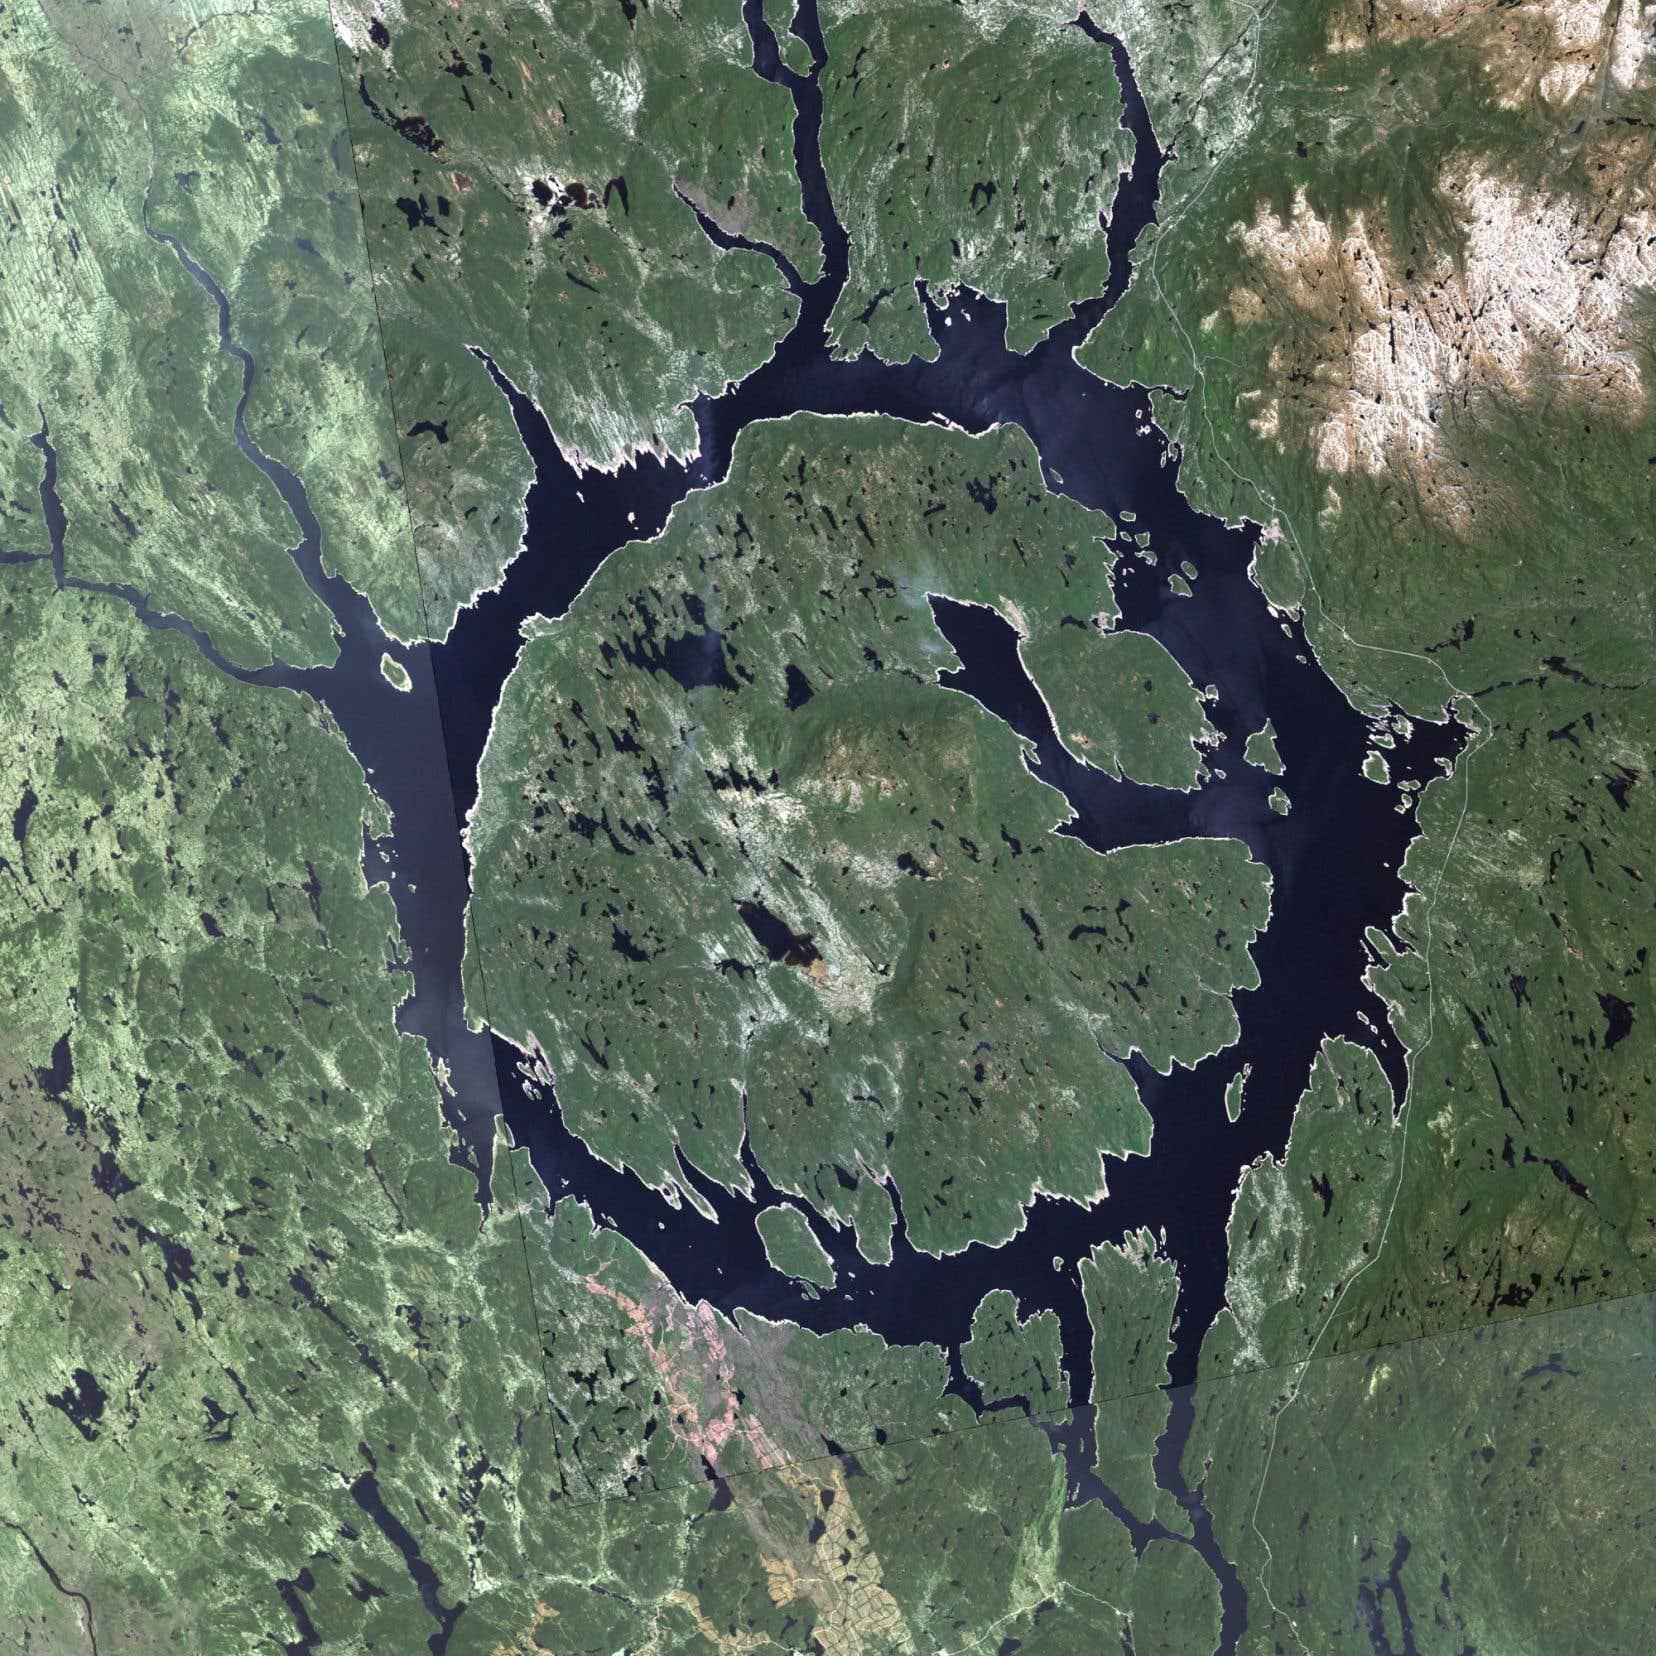 <p>Le Conseil de bande prétend que le rehaussement du réservoir Manicouagan provoquera l'inondation d'un milieu régénéré depuis quatre décennies, causant notammentla mort de plusieurs milliers d'hectares de forêts qui bordent le réservoir.</p>